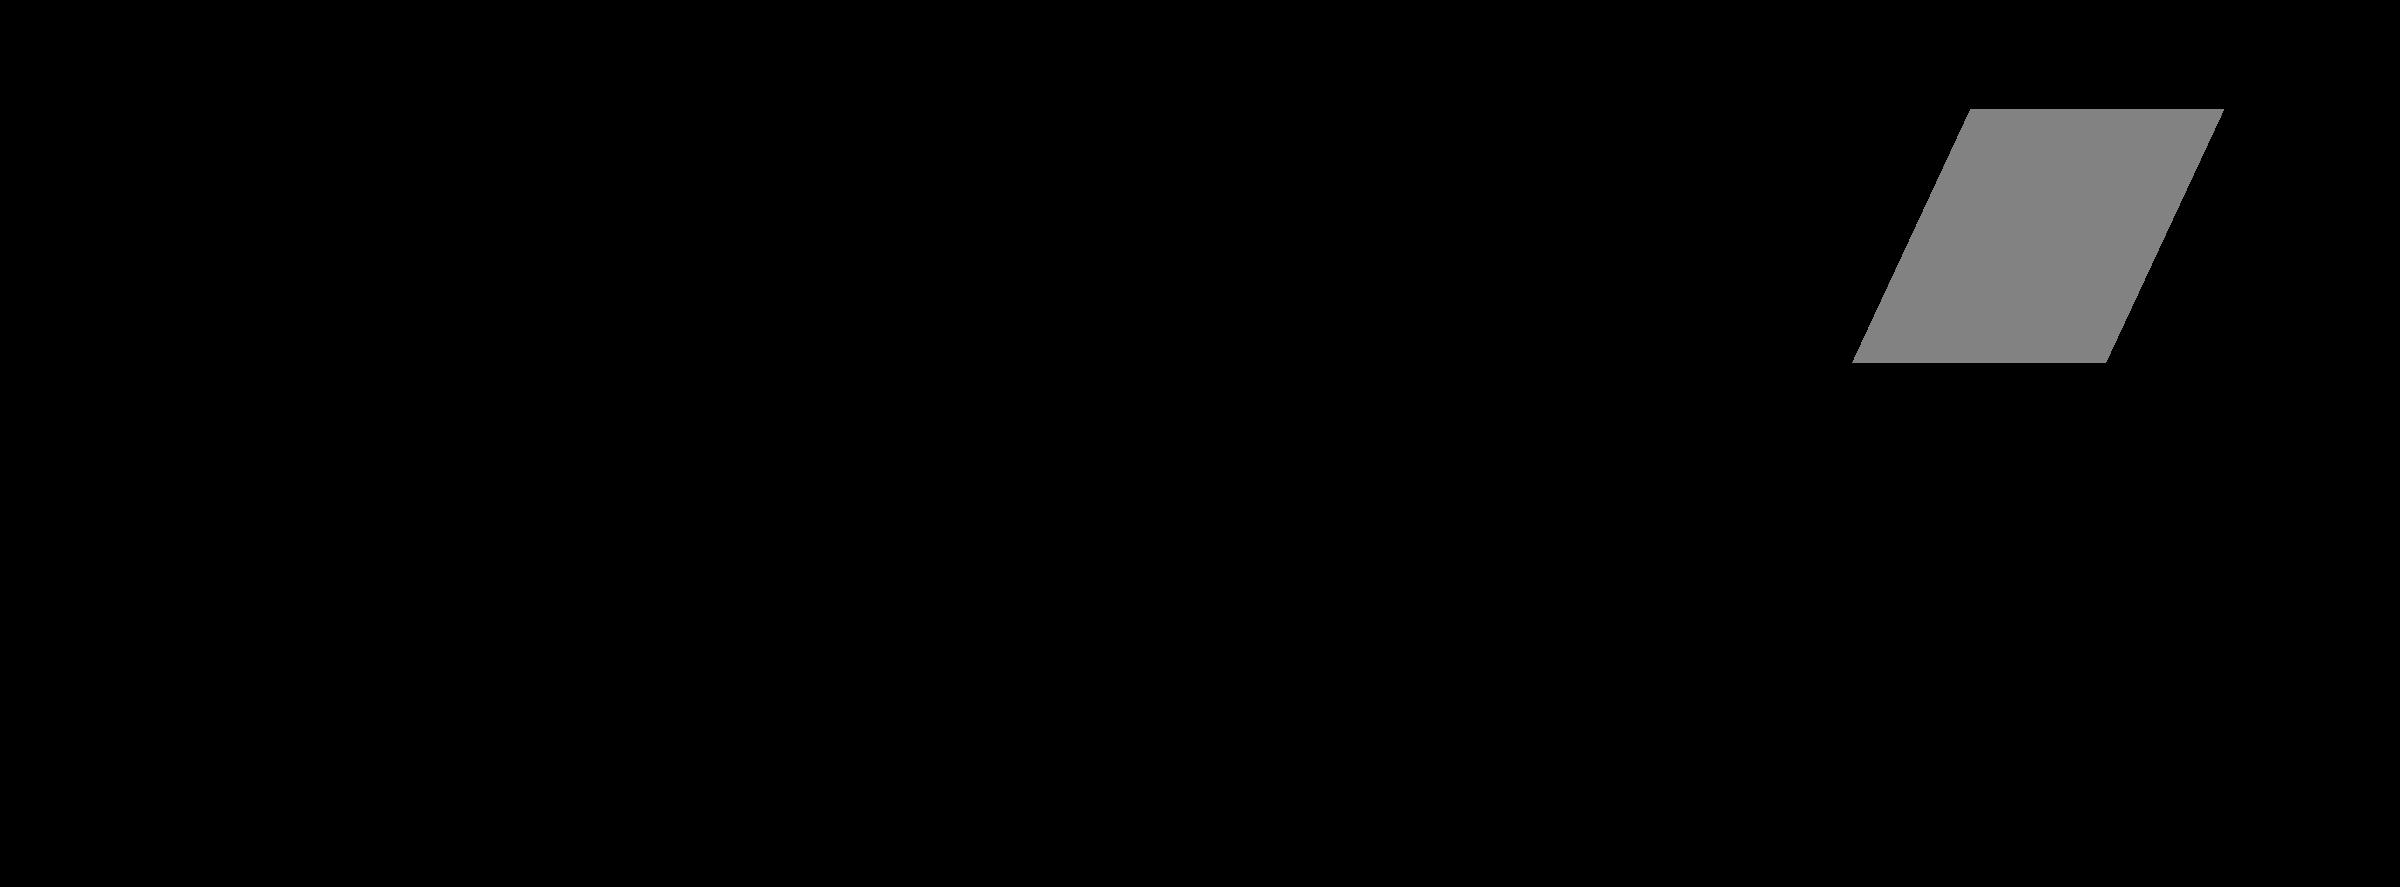 Colruyt Logo, Ester customer